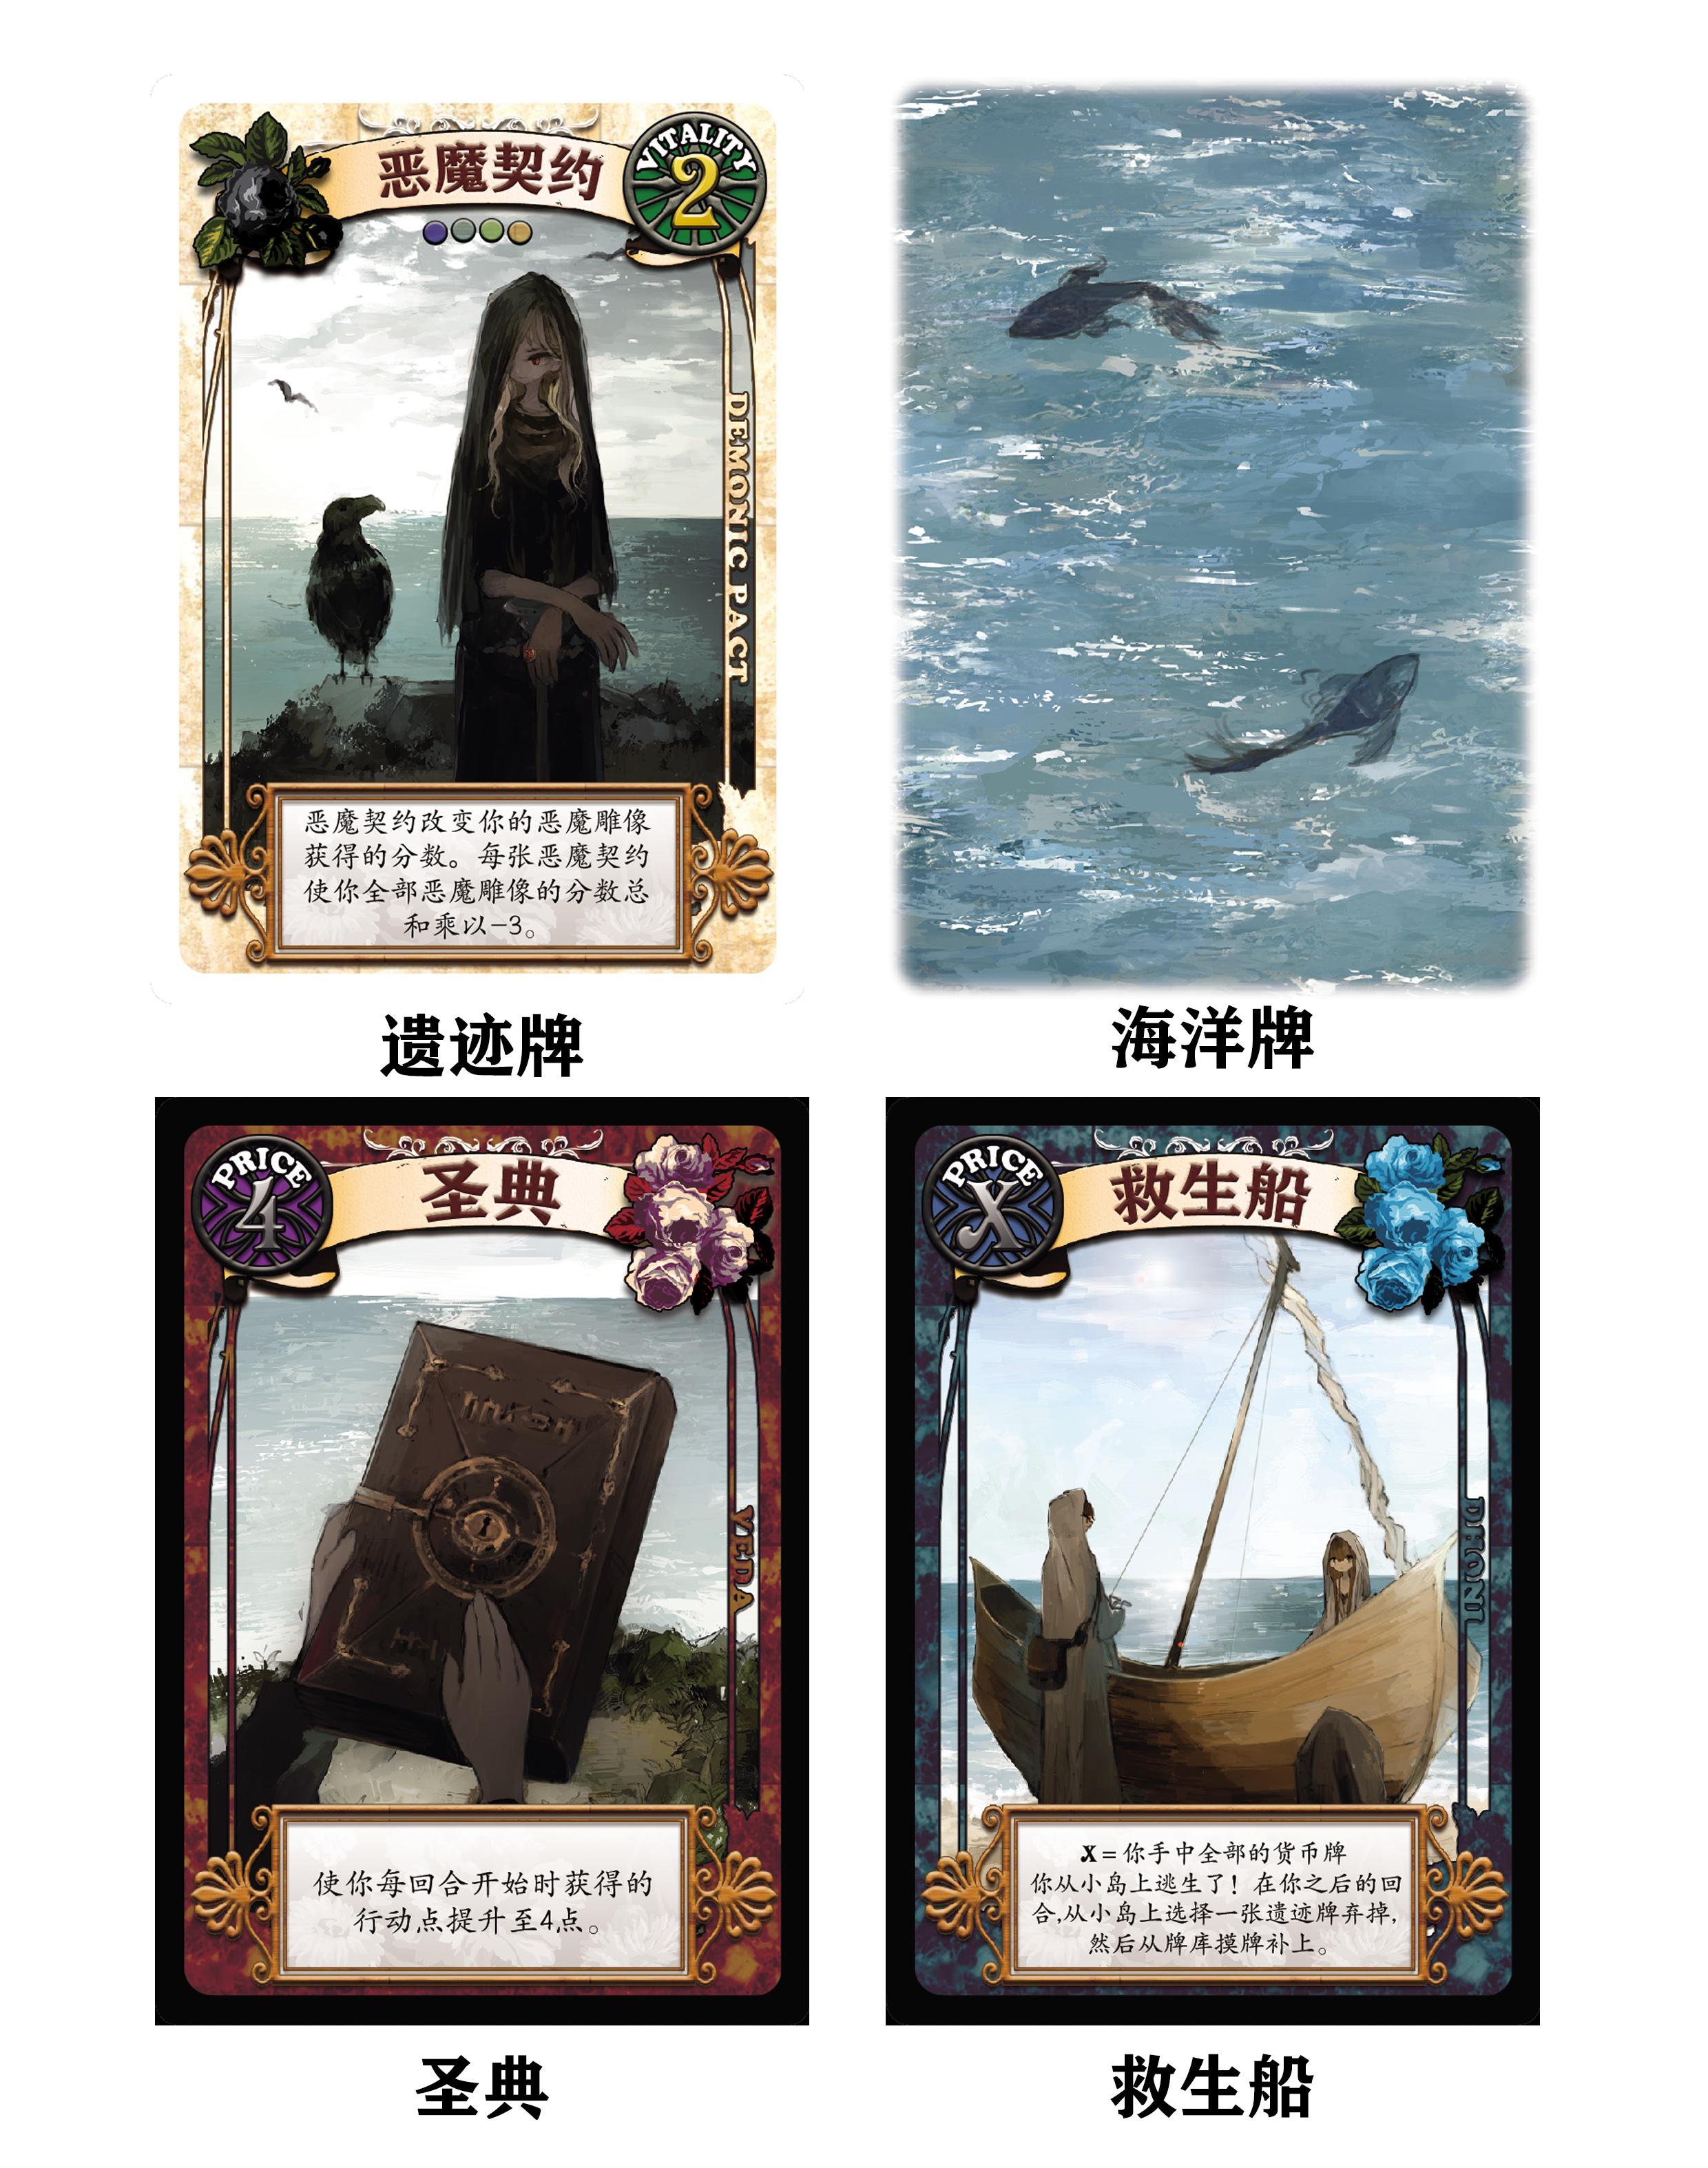 卡牌展示2.jpg